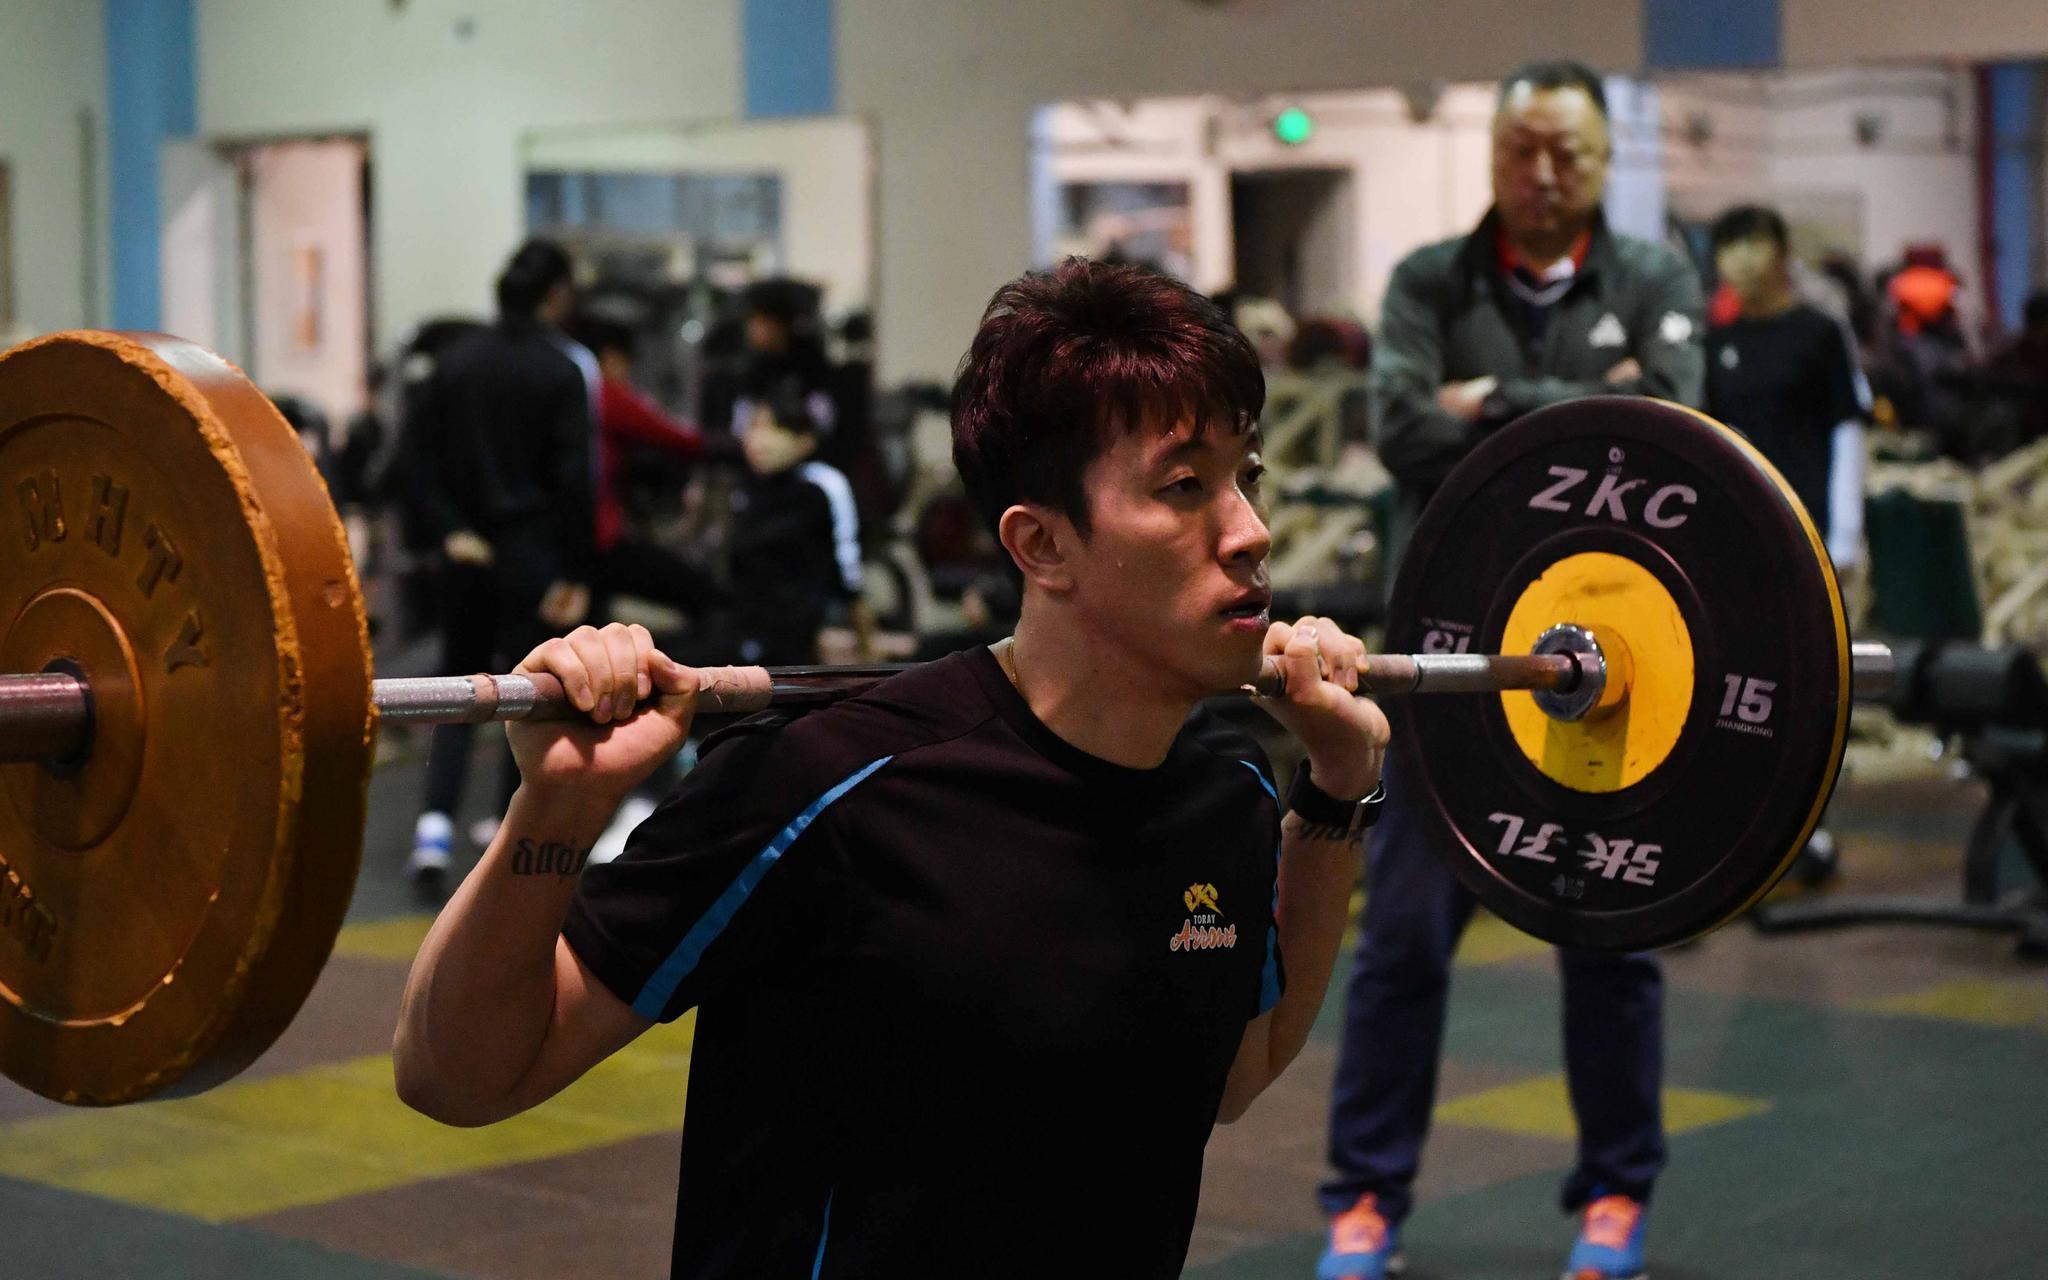 杏悦:京男排针对比赛调整训练预计杏悦8月1图片